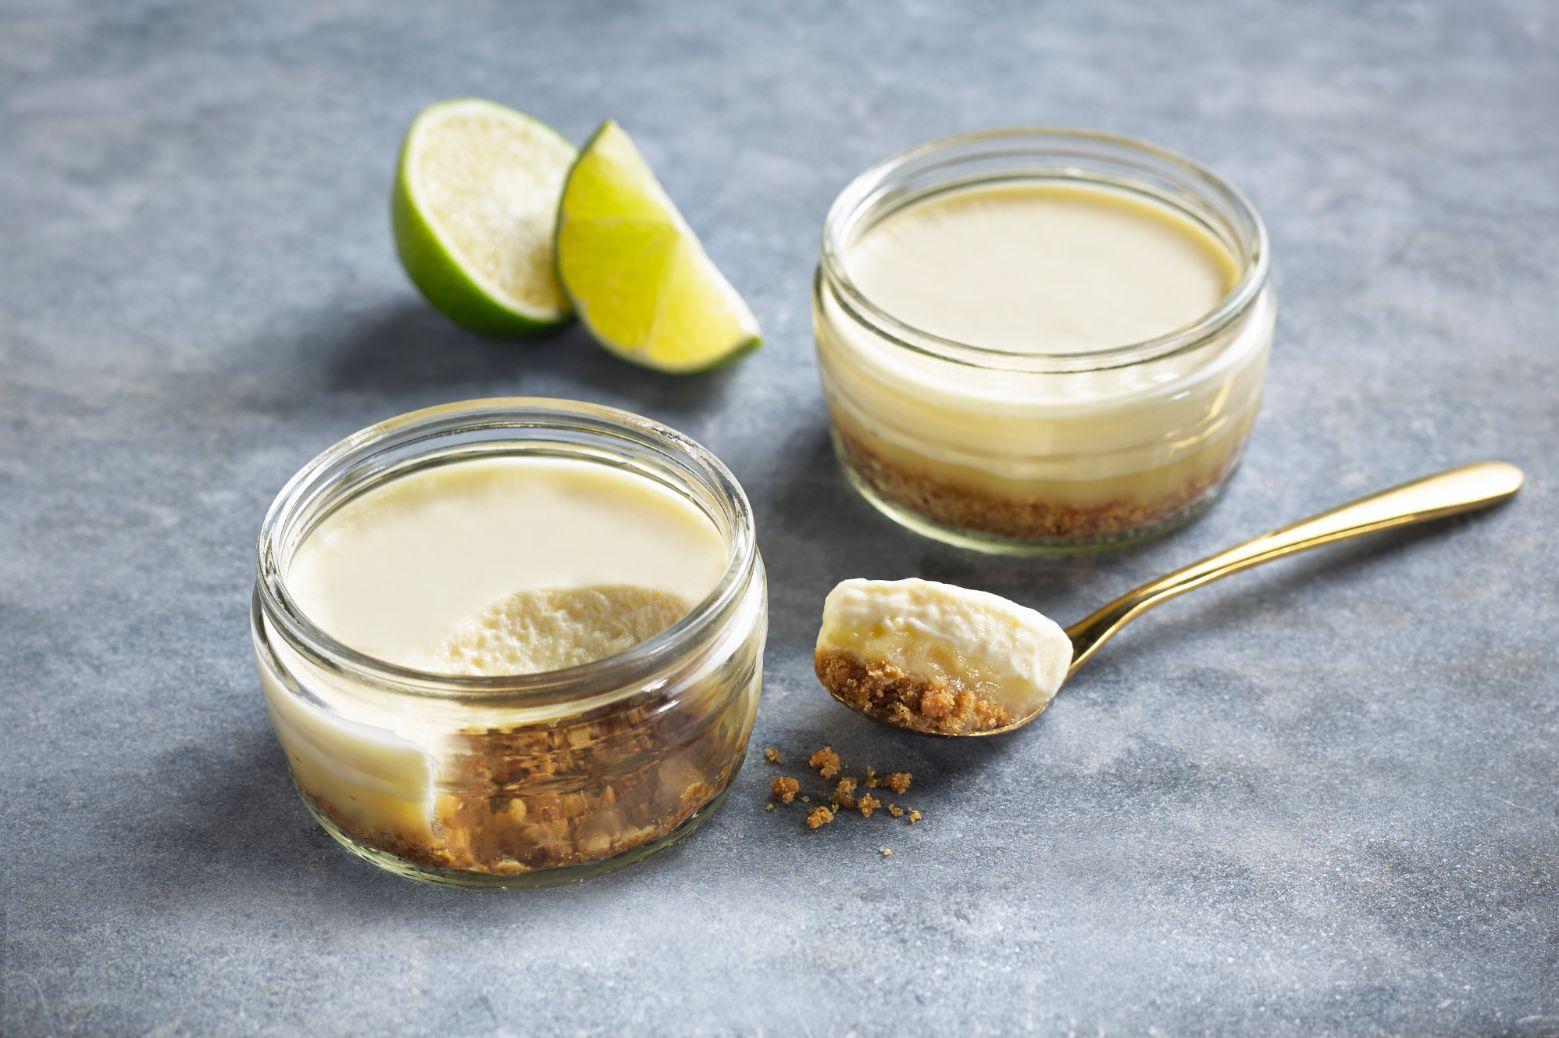 Gü Punchy Peruvian Key Lime Pies